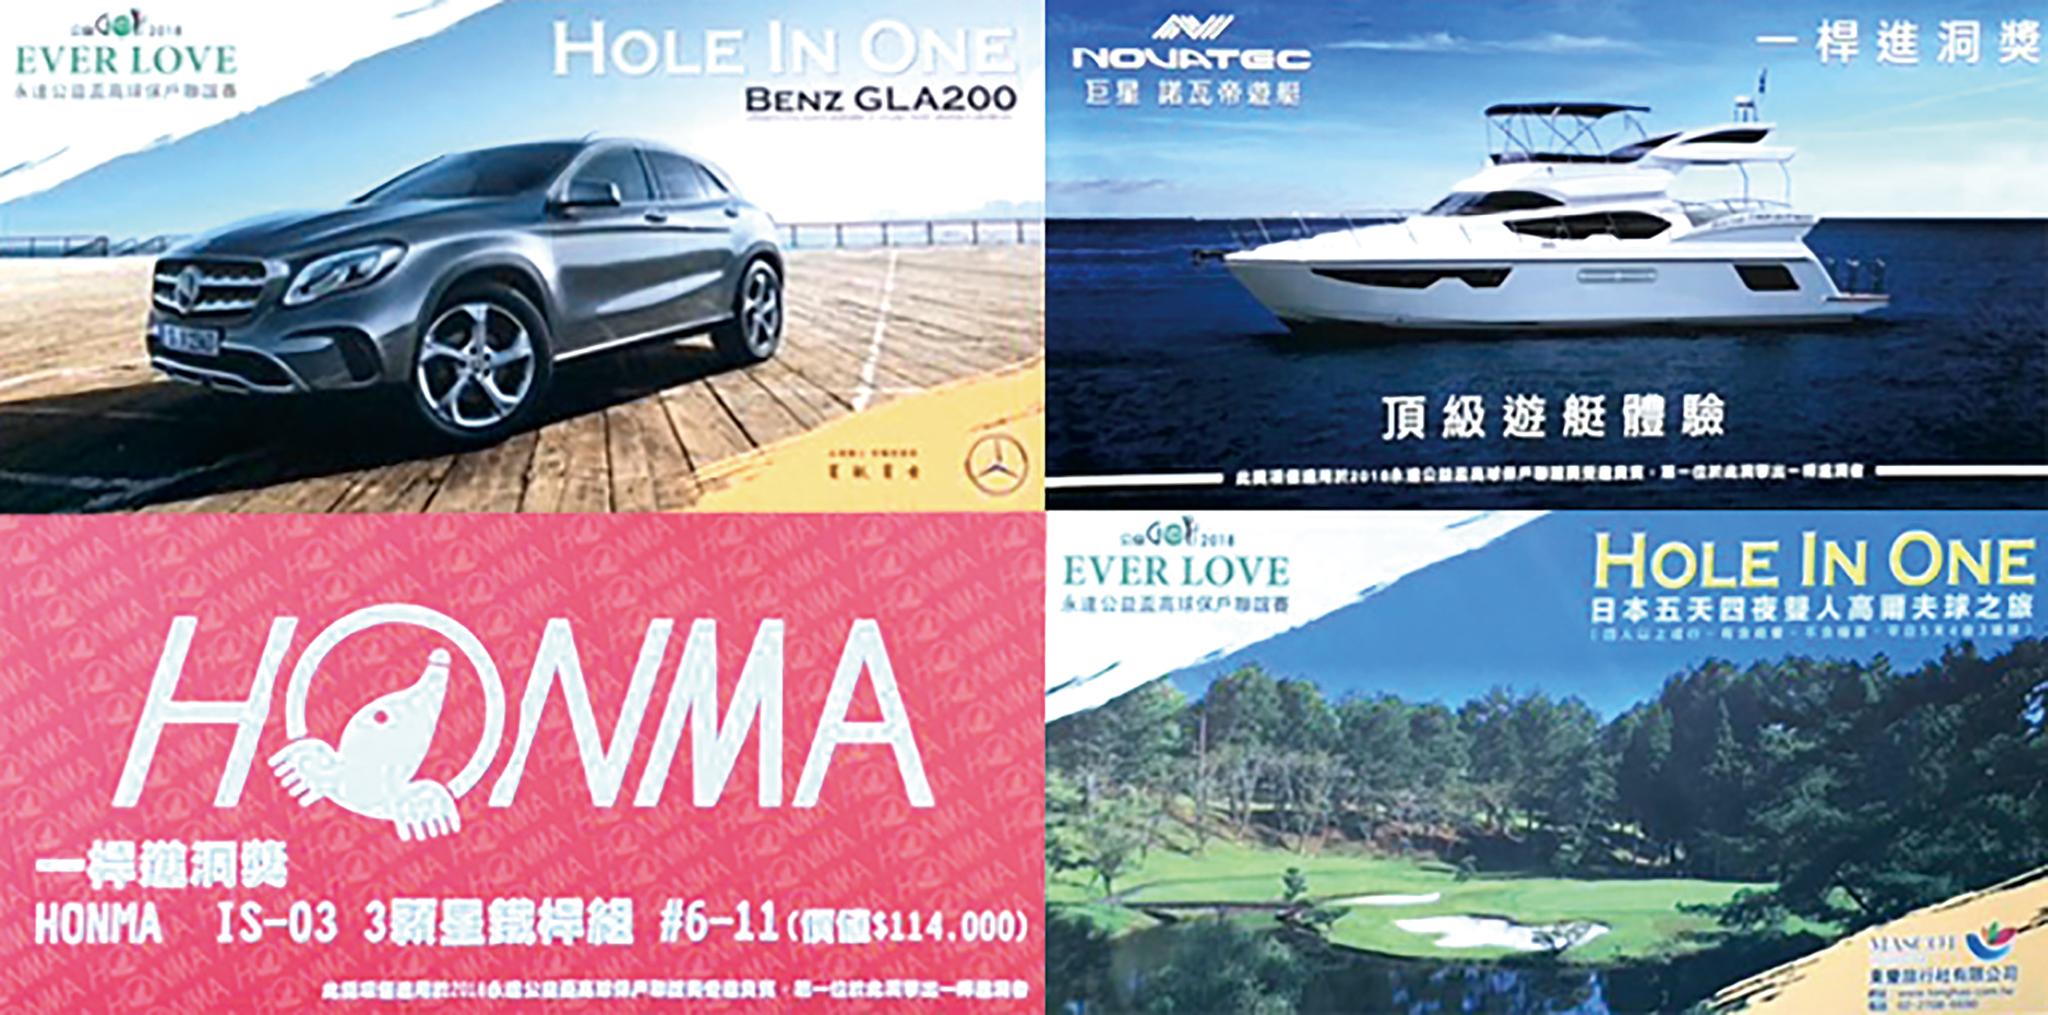 四個一桿進洞獎包含:BENZ GLA 200豪華房車、Honma三星高級鐵桿組、東豪五天四夜雙人高爾夫球之旅、以及Novatec諾瓦帝遊艇出海體驗券。